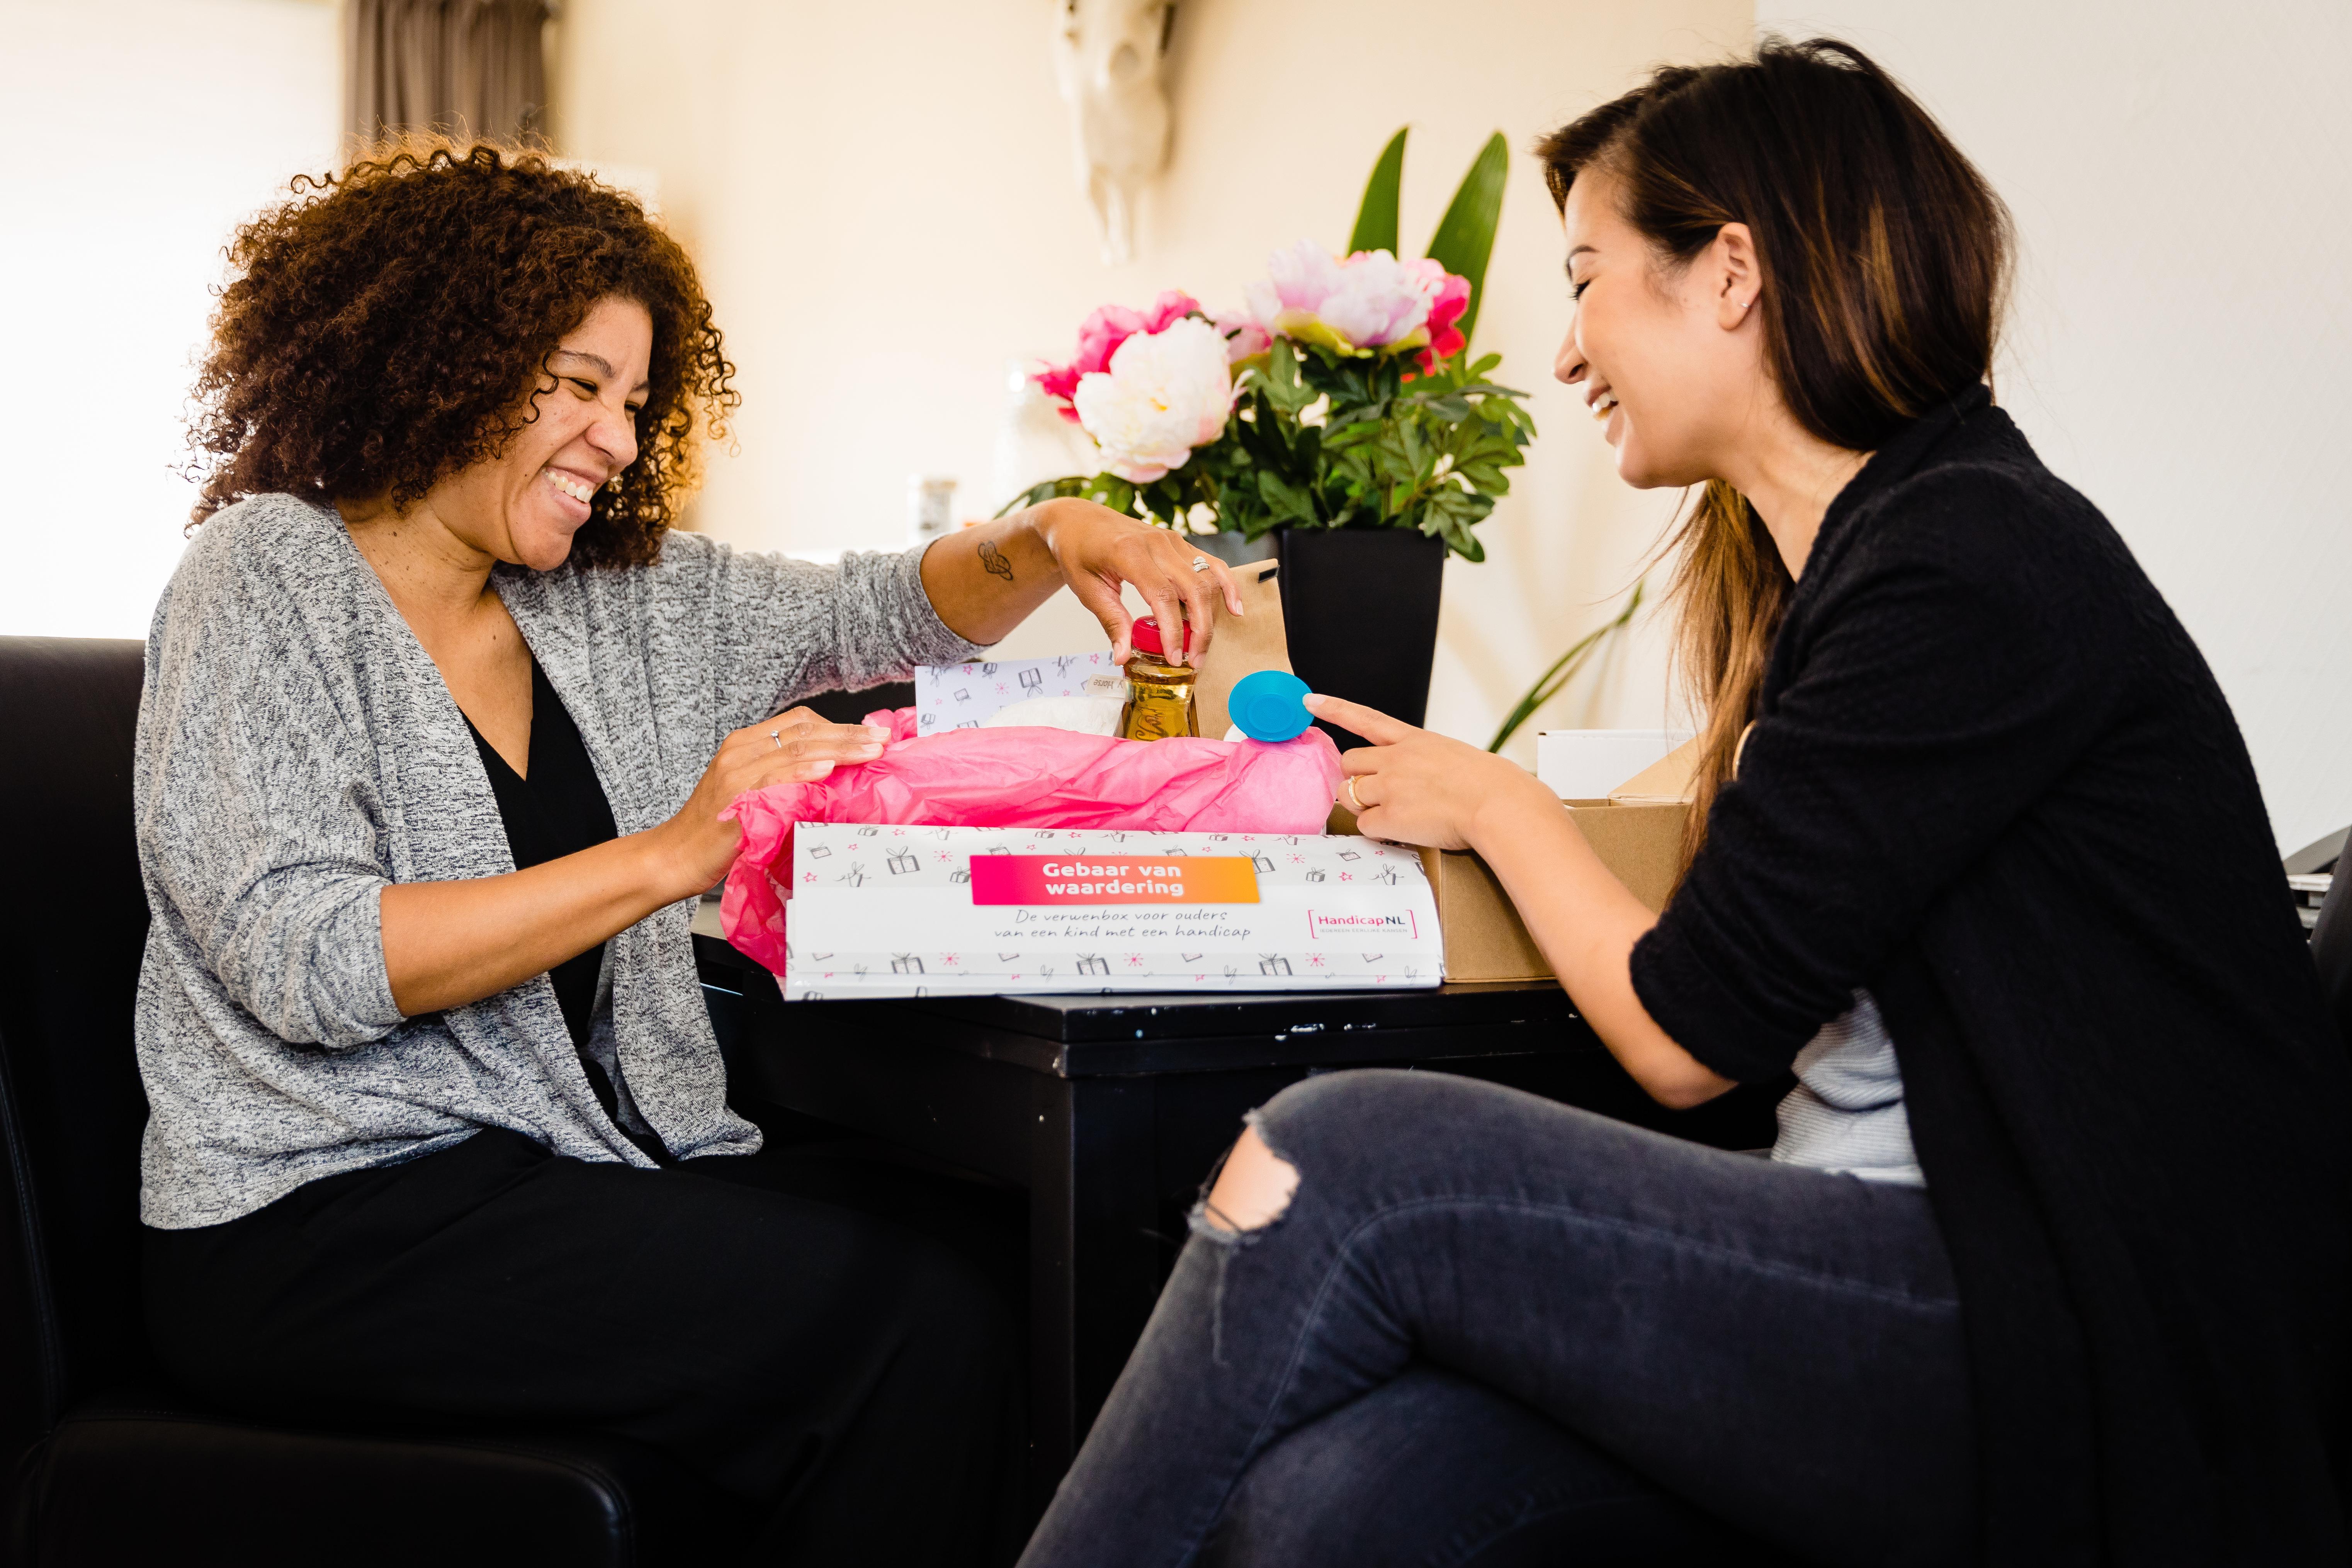 Vlogster Serena Verbon reikt een Gebaar van Waardering (doos) uit aan haar vriendin.